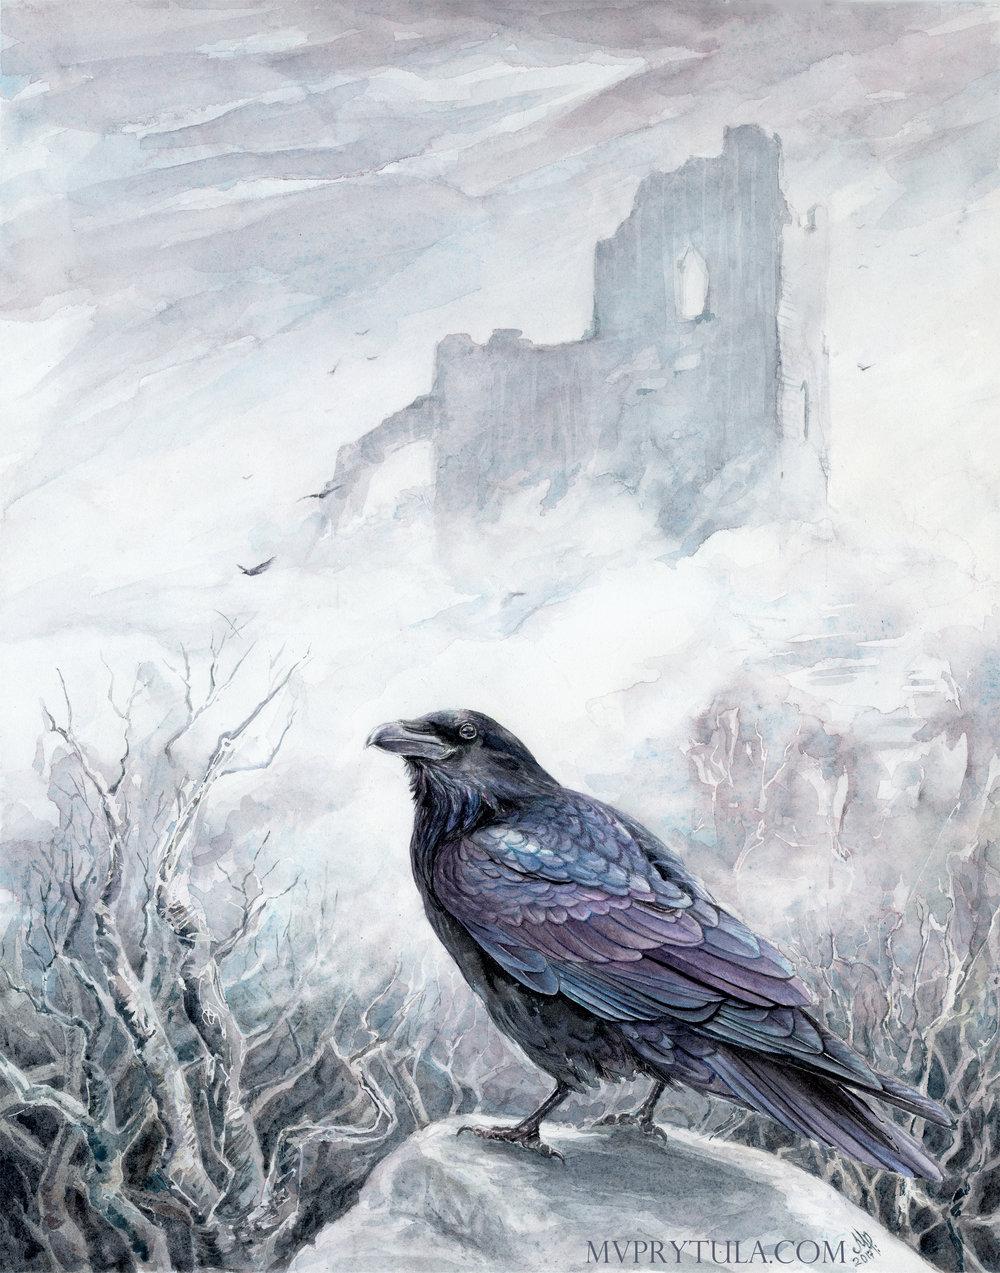 birdwhisperer_raven_300_mess_edit.jpg